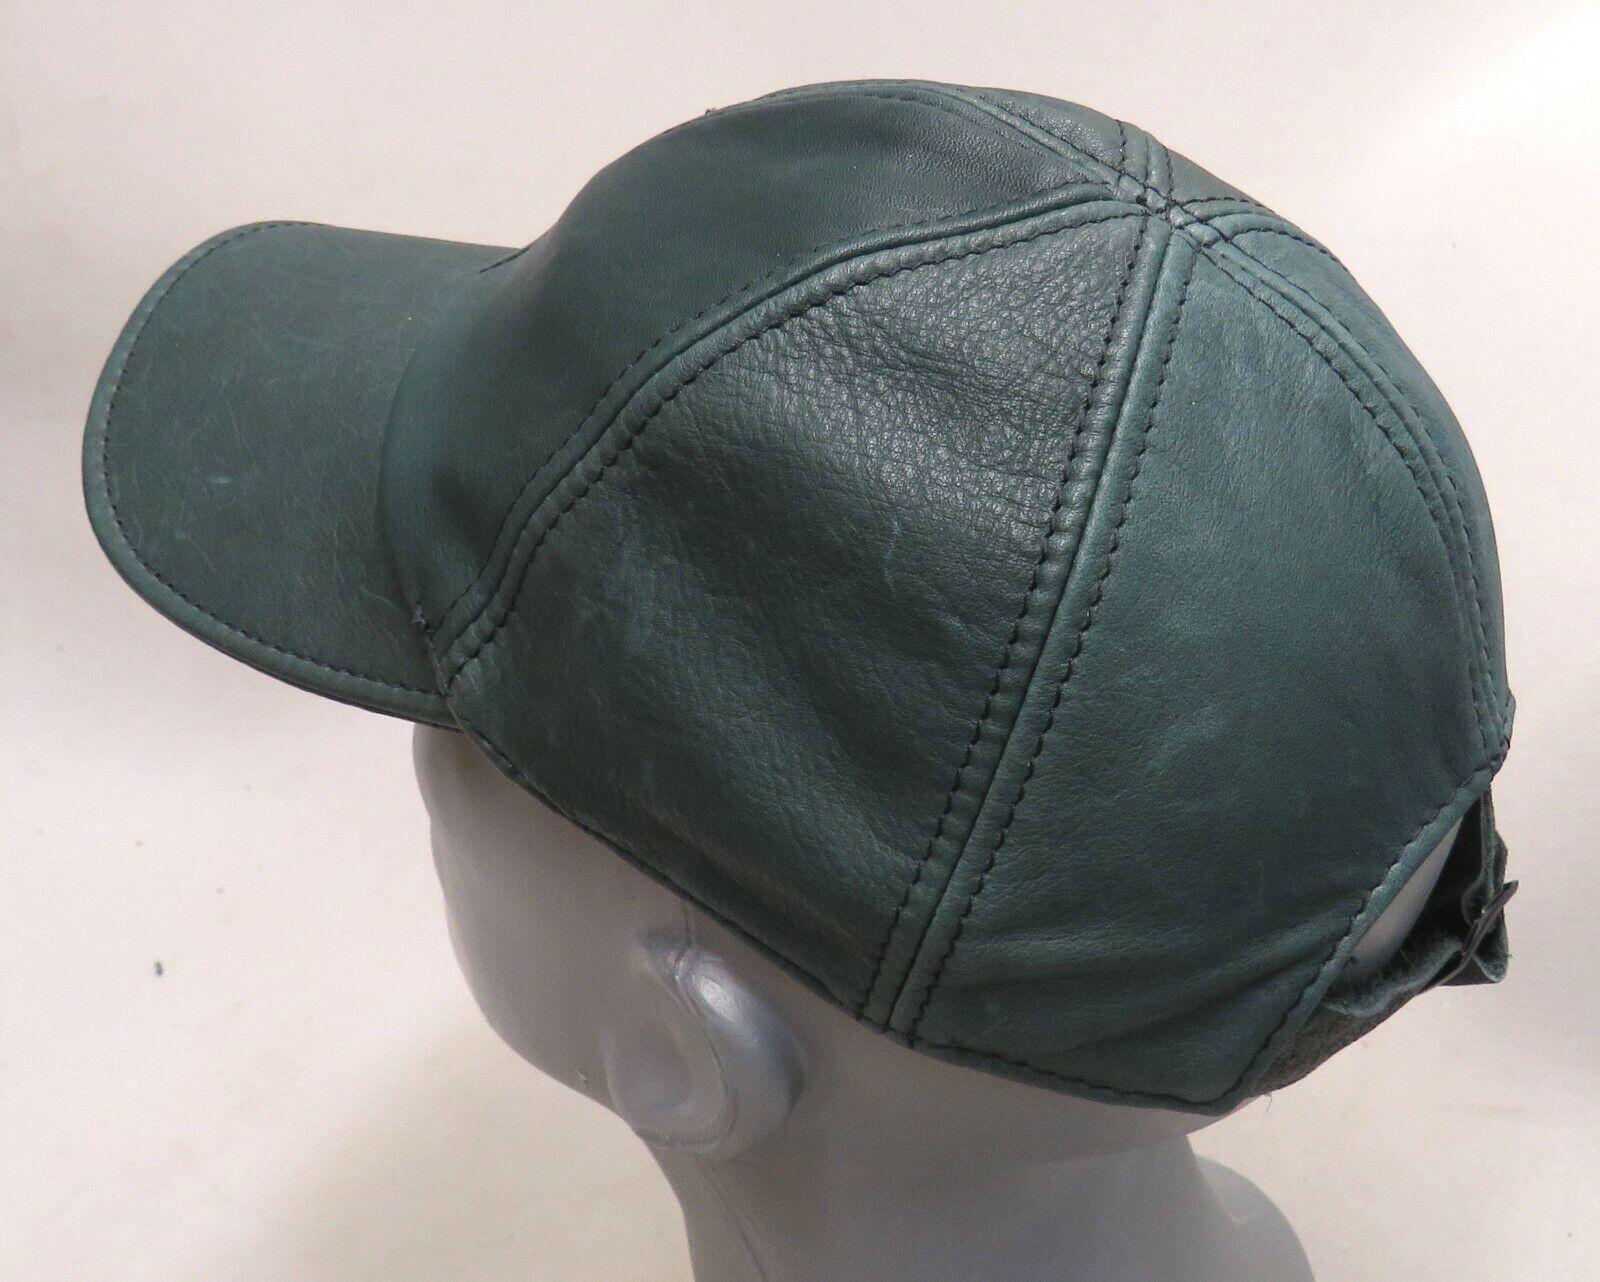 1A SATTLERQUALITÄT Cap LEDER Kappe NEU Lederkappe FARBE: Grün Baseballkappe TOP#